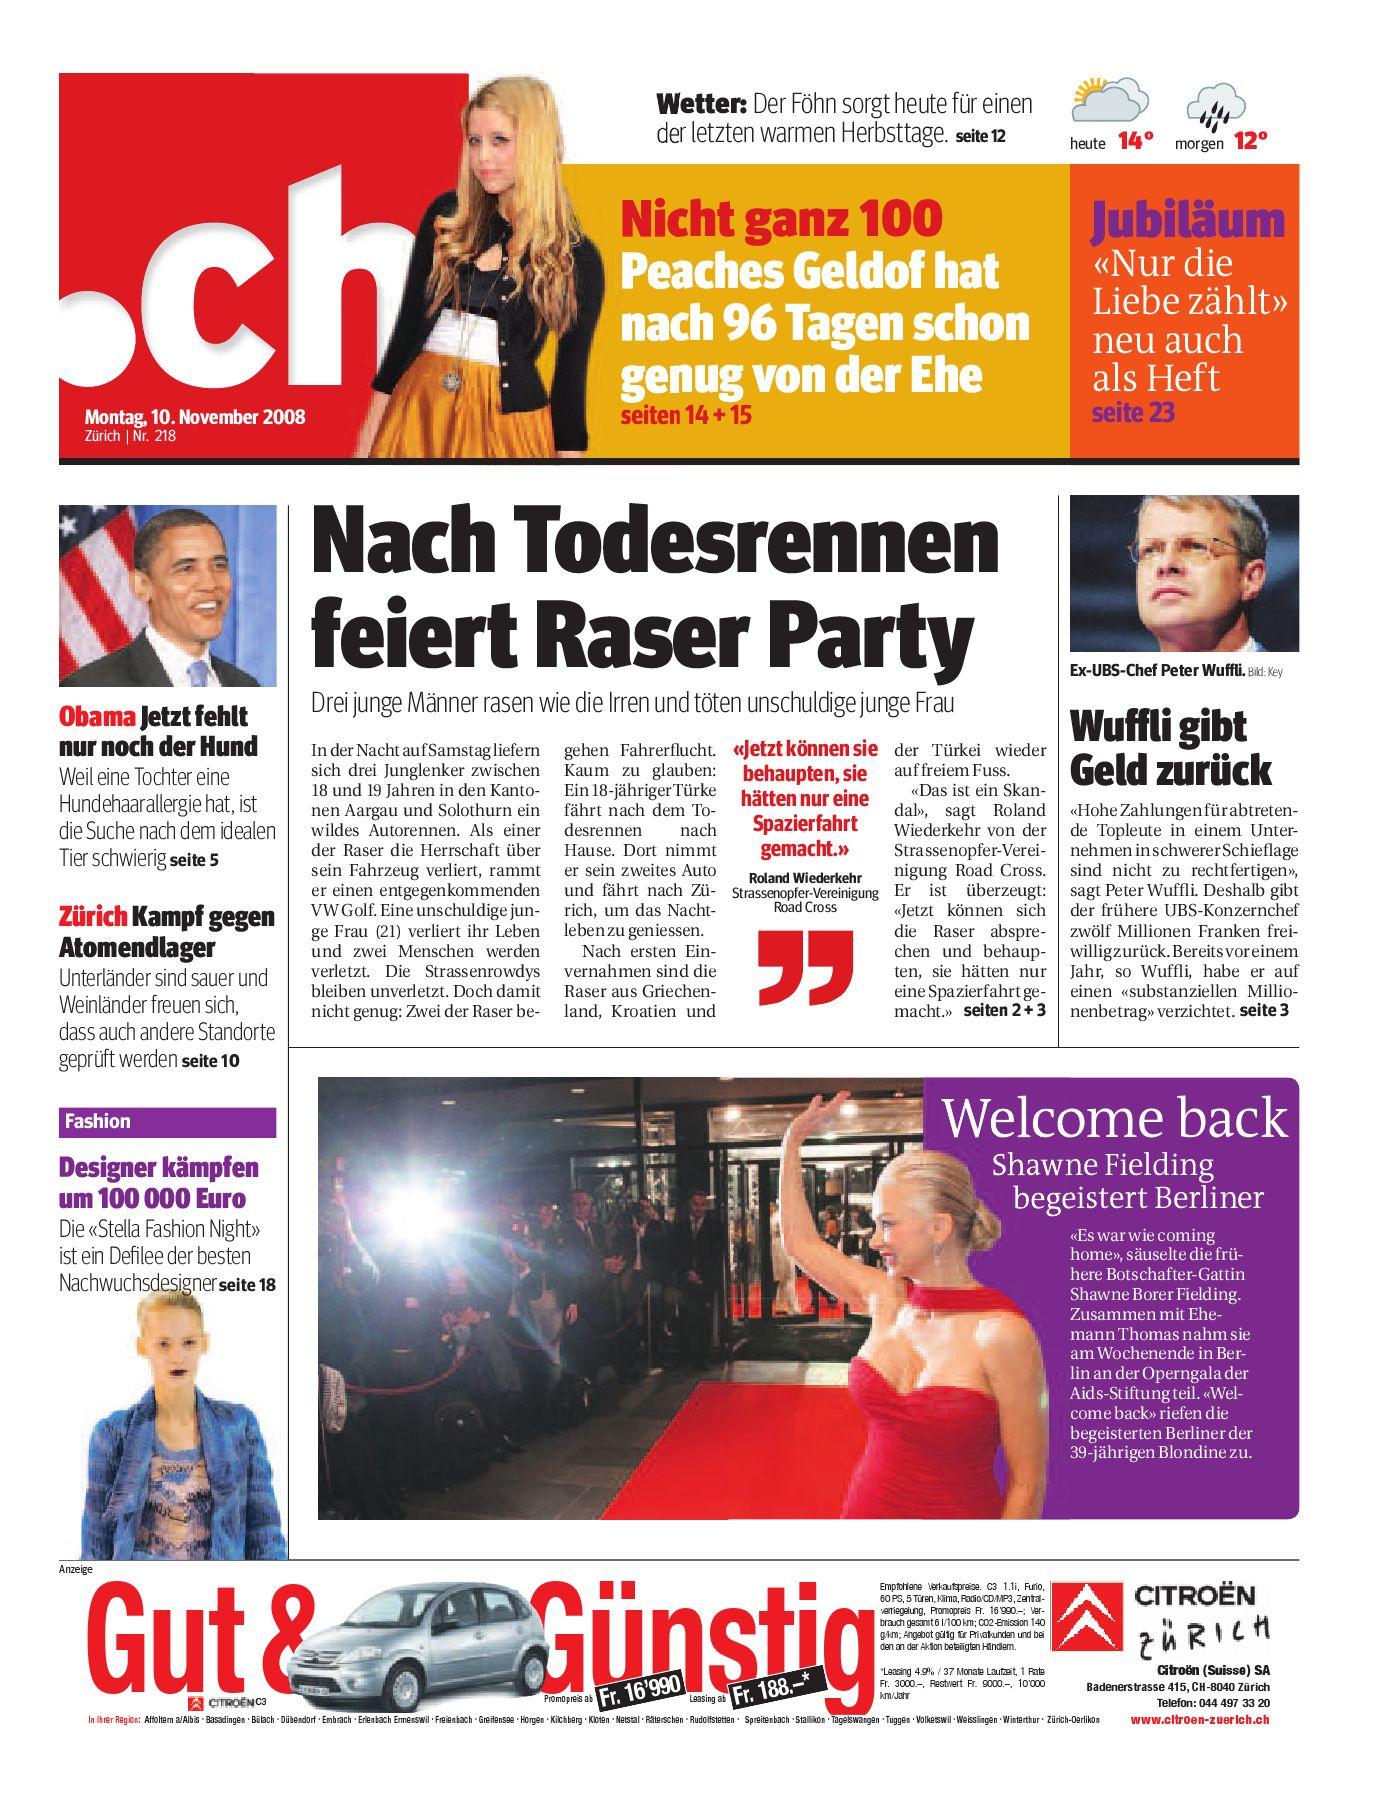 Kuscheln mit der Ersatzpartnerin | Zrichsee-Zeitung